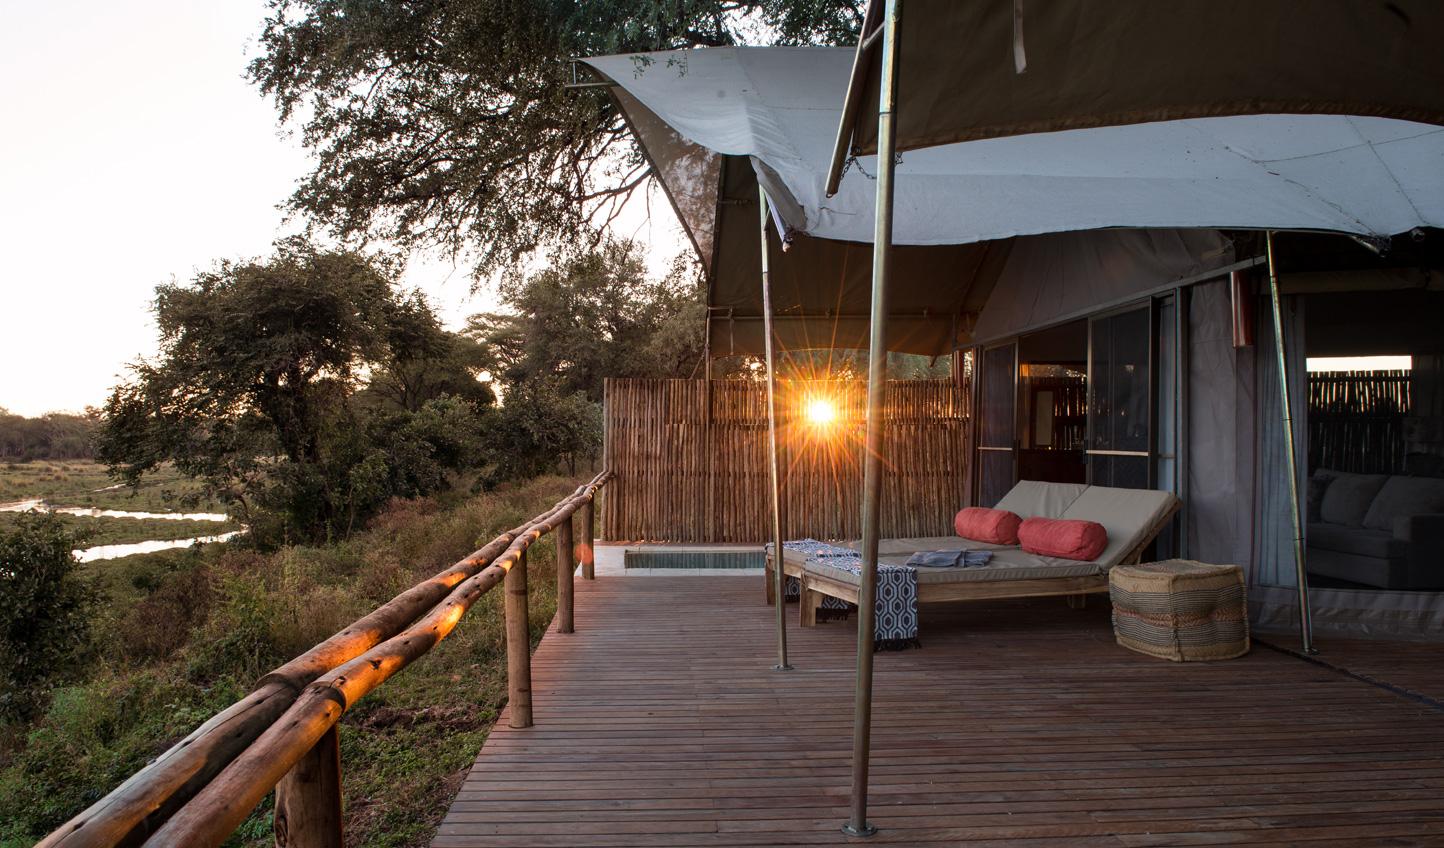 Watch a Zambian sunset